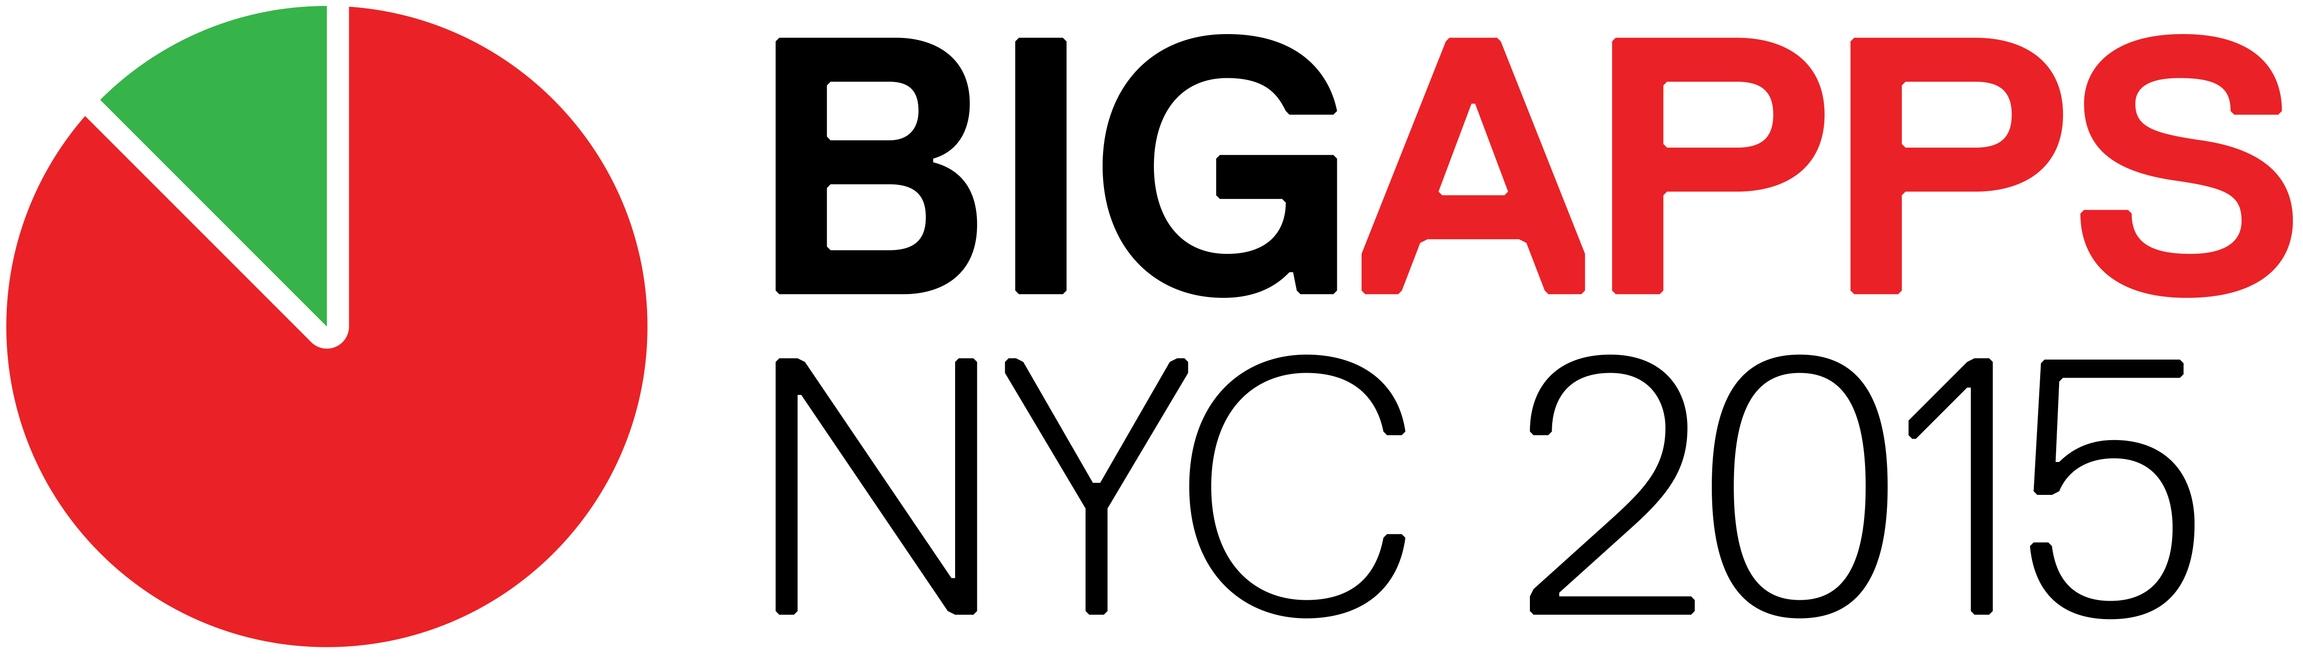 BigAppsNYC